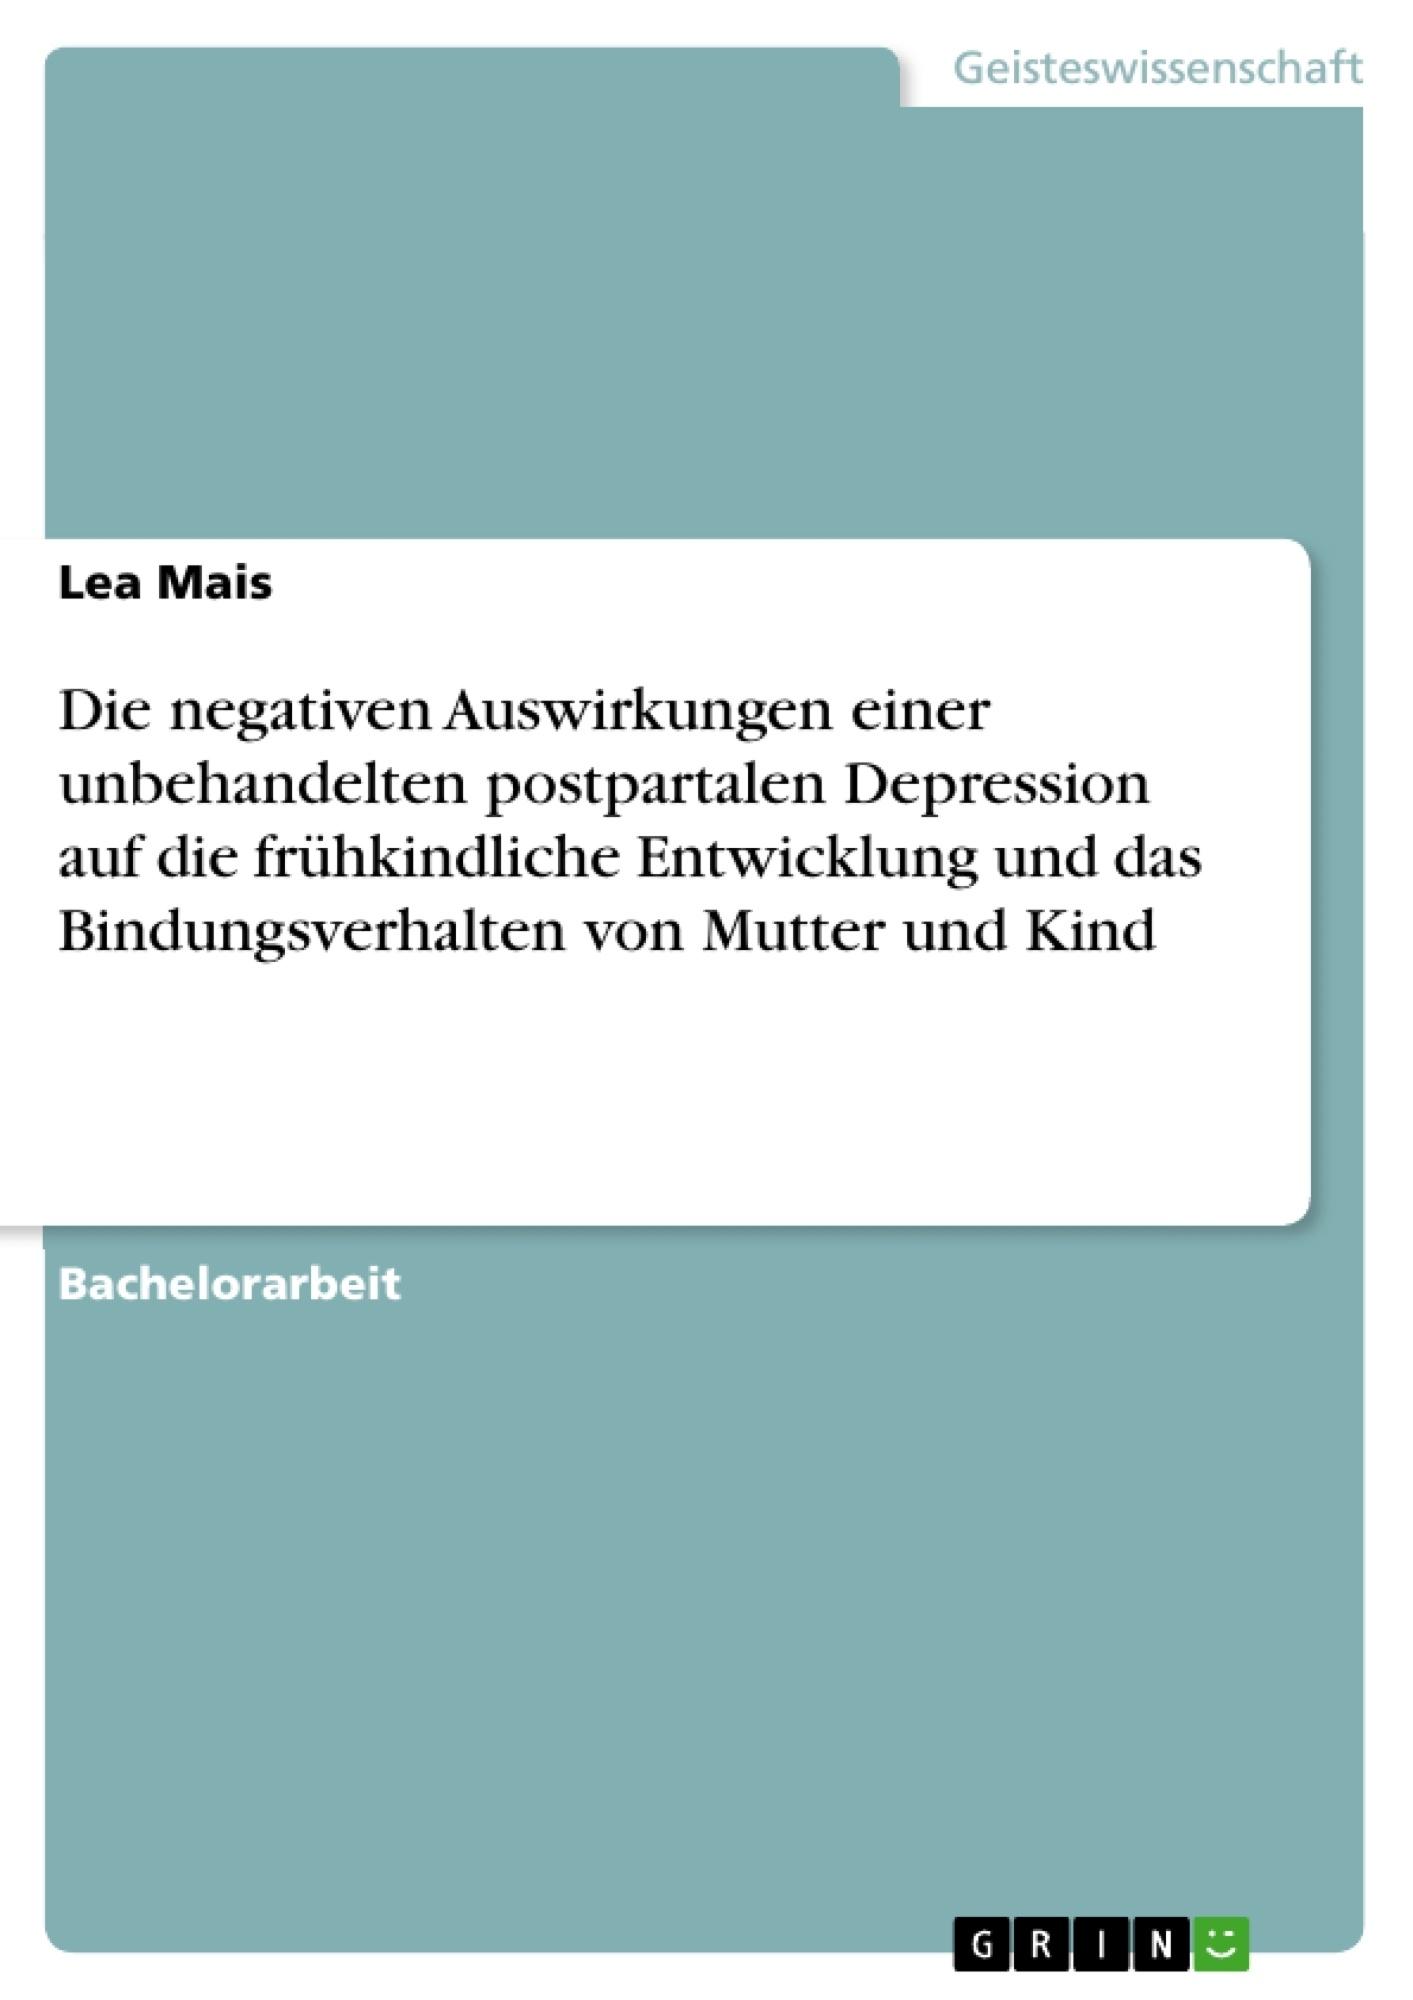 Titel: Die negativen Auswirkungen einer unbehandelten postpartalen Depression auf die frühkindliche Entwicklung und das Bindungsverhalten von Mutter und Kind